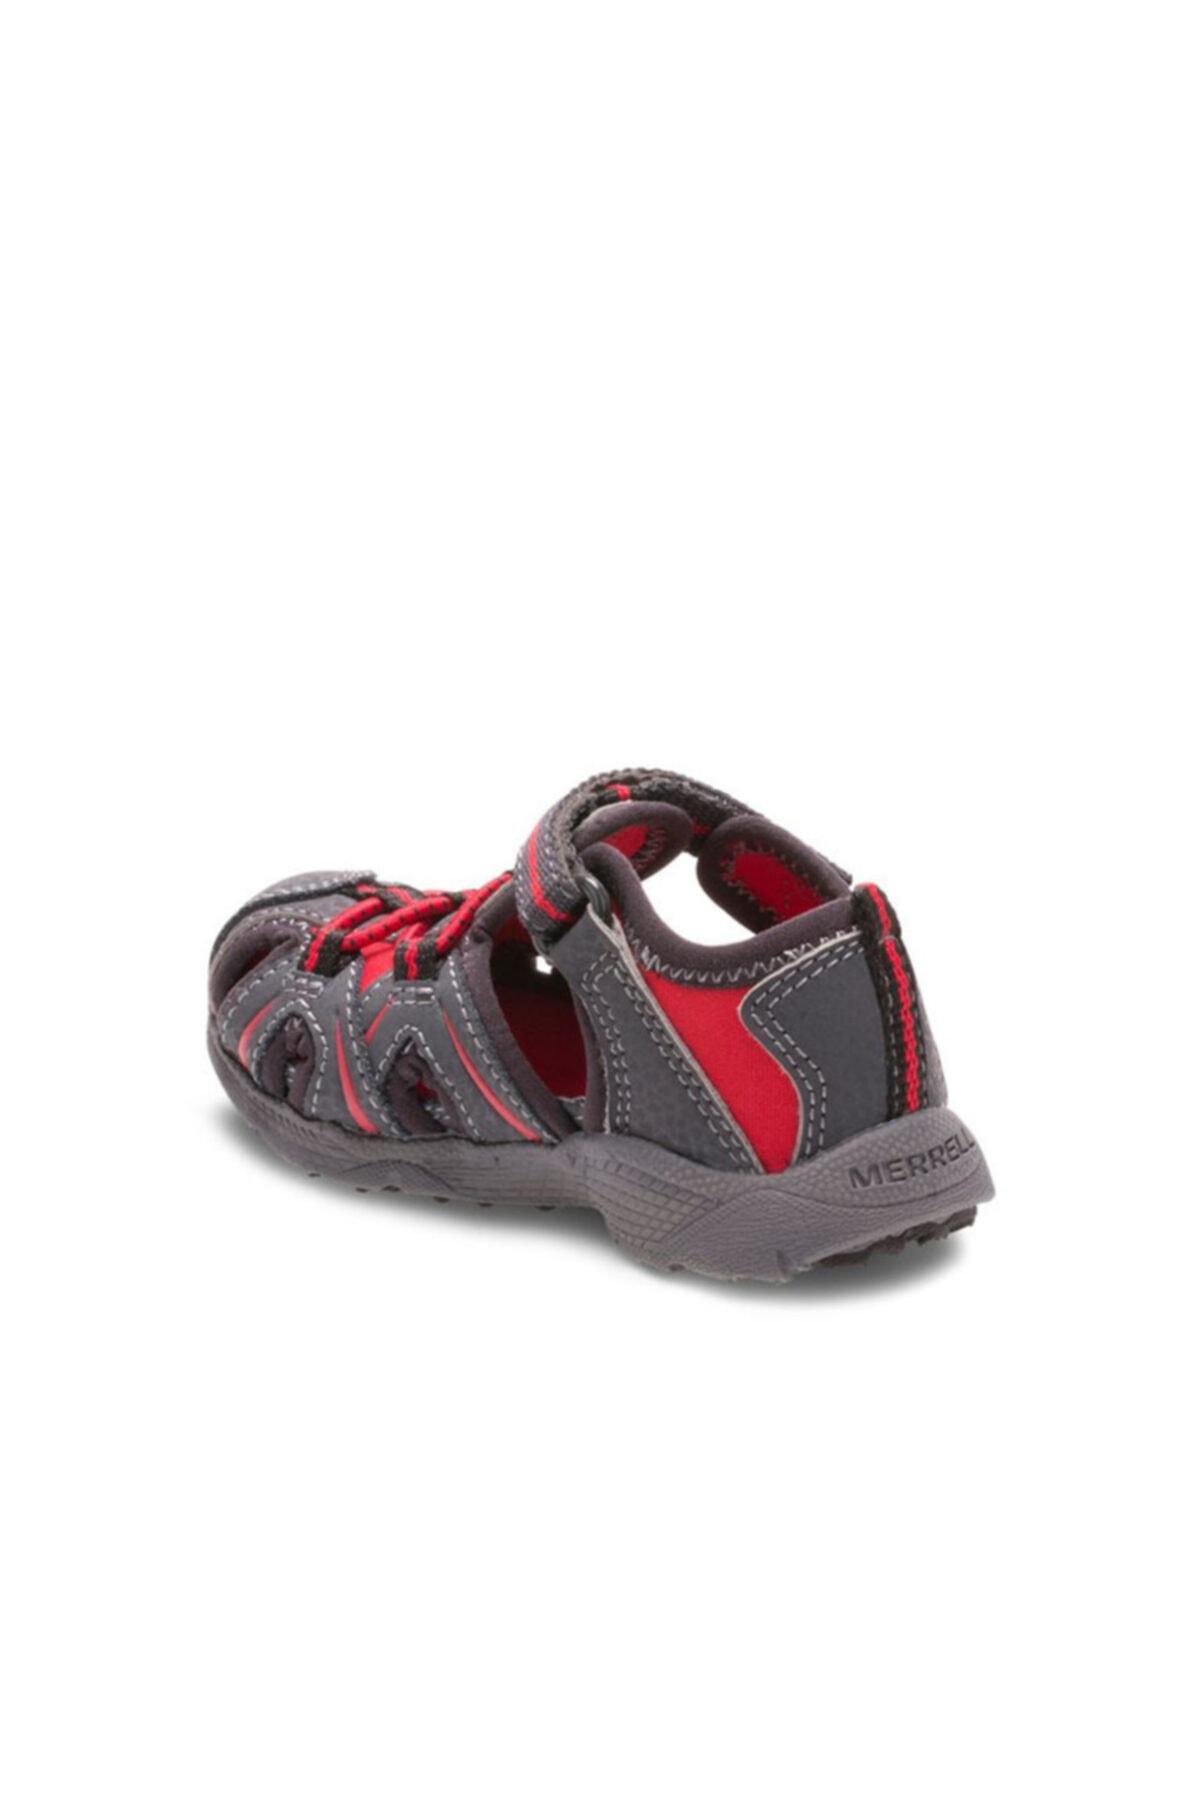 Merrell Çocuk Gri Kırmızı  Sandalet MT55688